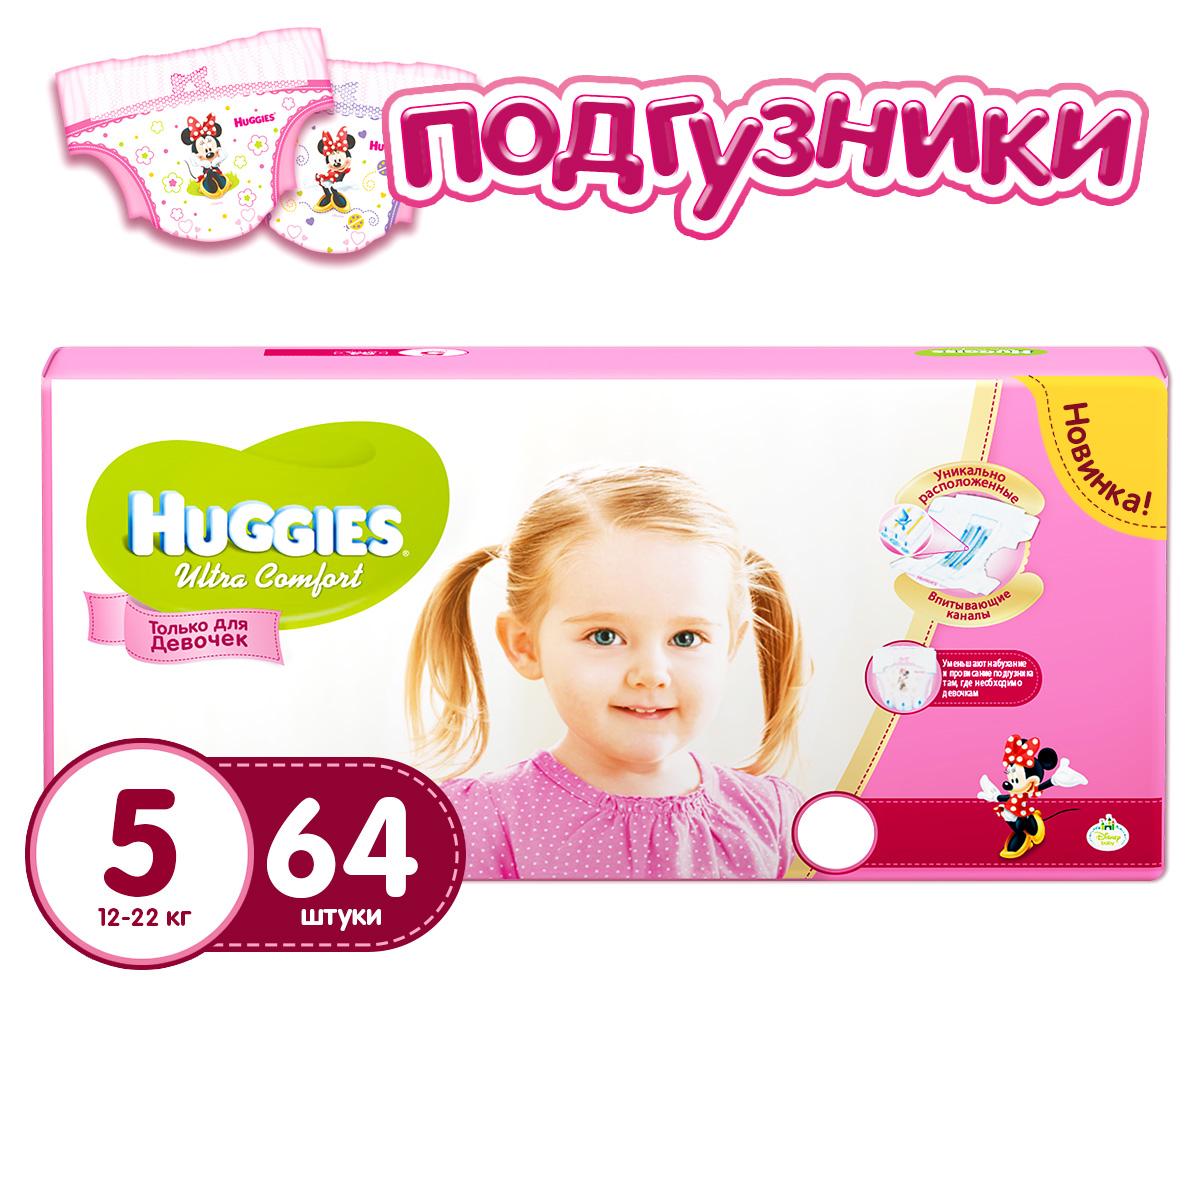 Подгузники Huggies Ultra Comfort Giga Pack для девочек 12-22 кг (64 шт) Размер 5<br>